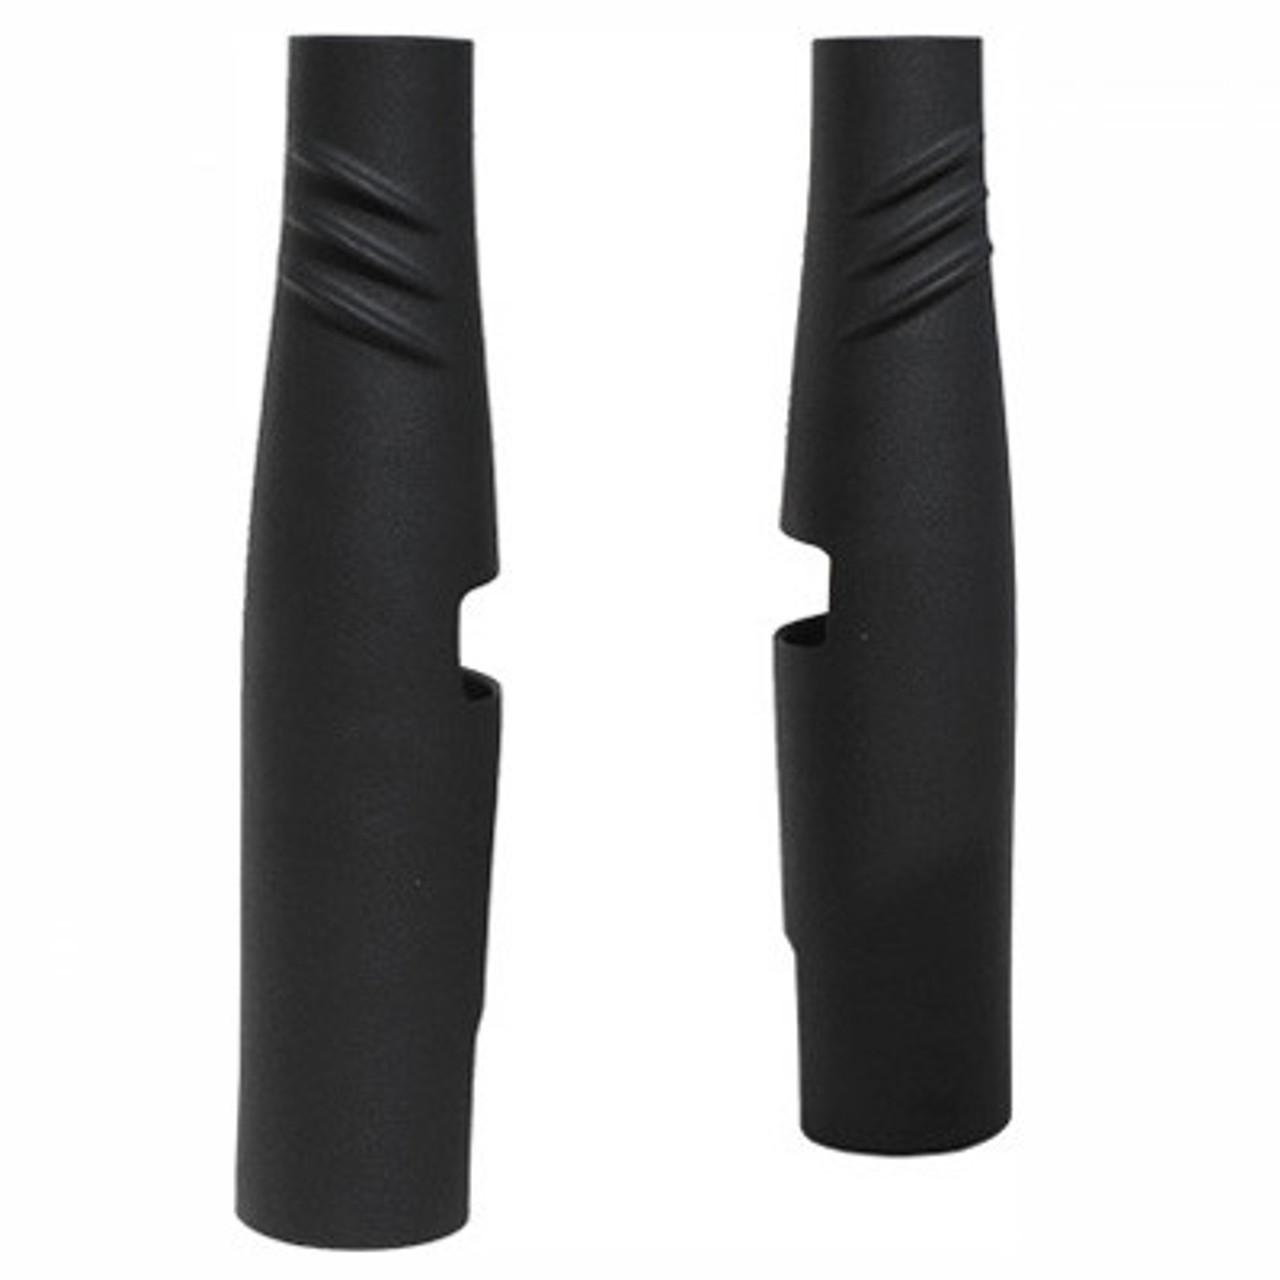 Front End Fork Leg Rebuild Seals Boots Kit 49mm 06-17 Harley Dyna FXD models